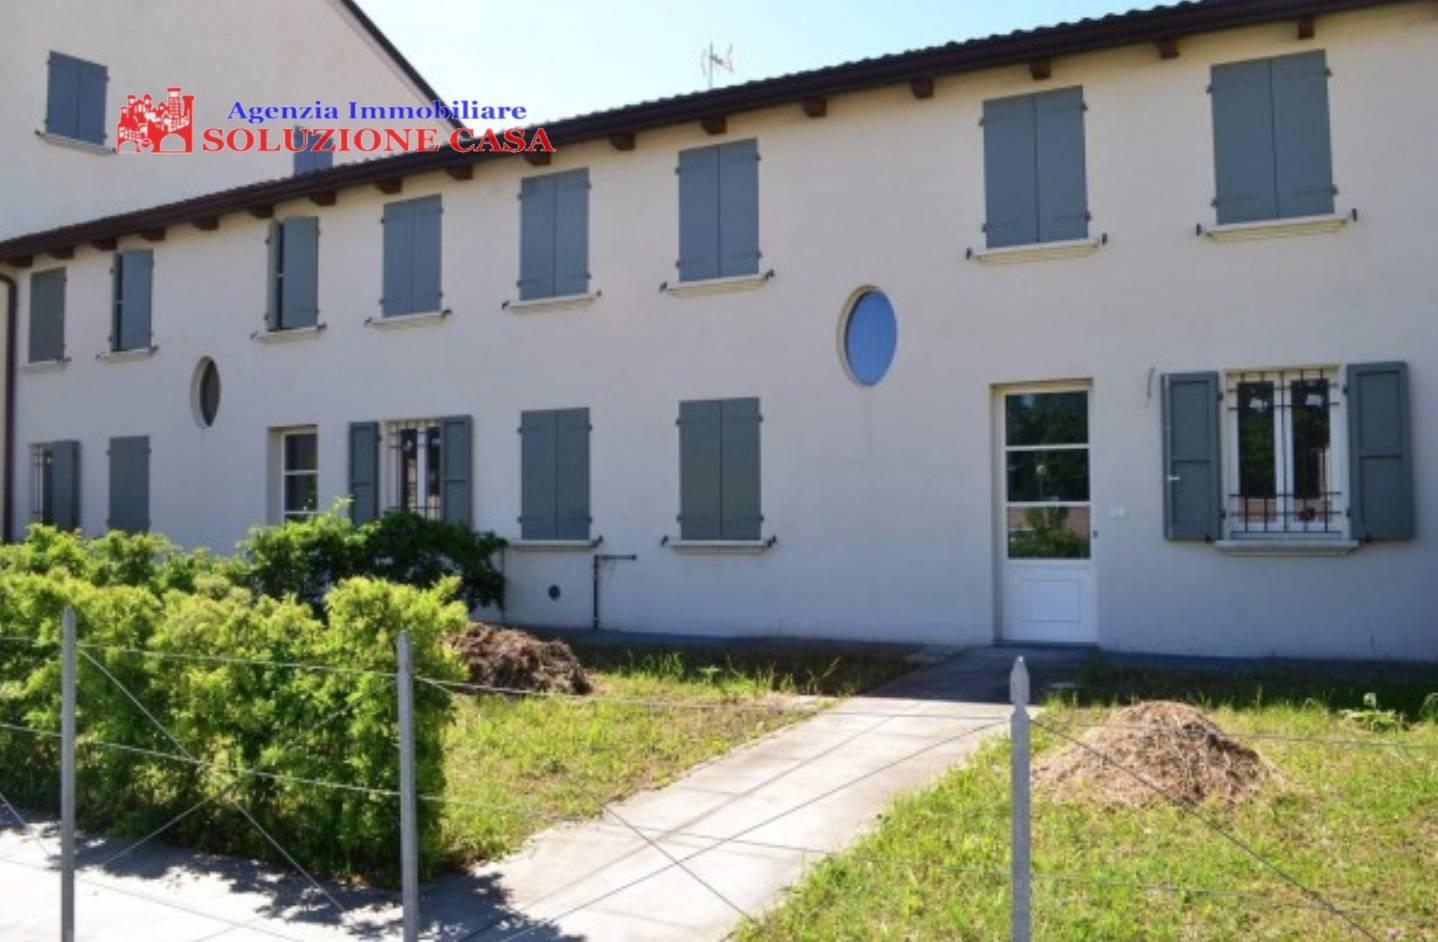 Villa a Schiera in vendita a Pieve di Cento, 4 locali, prezzo € 257.000 | Cambio Casa.it